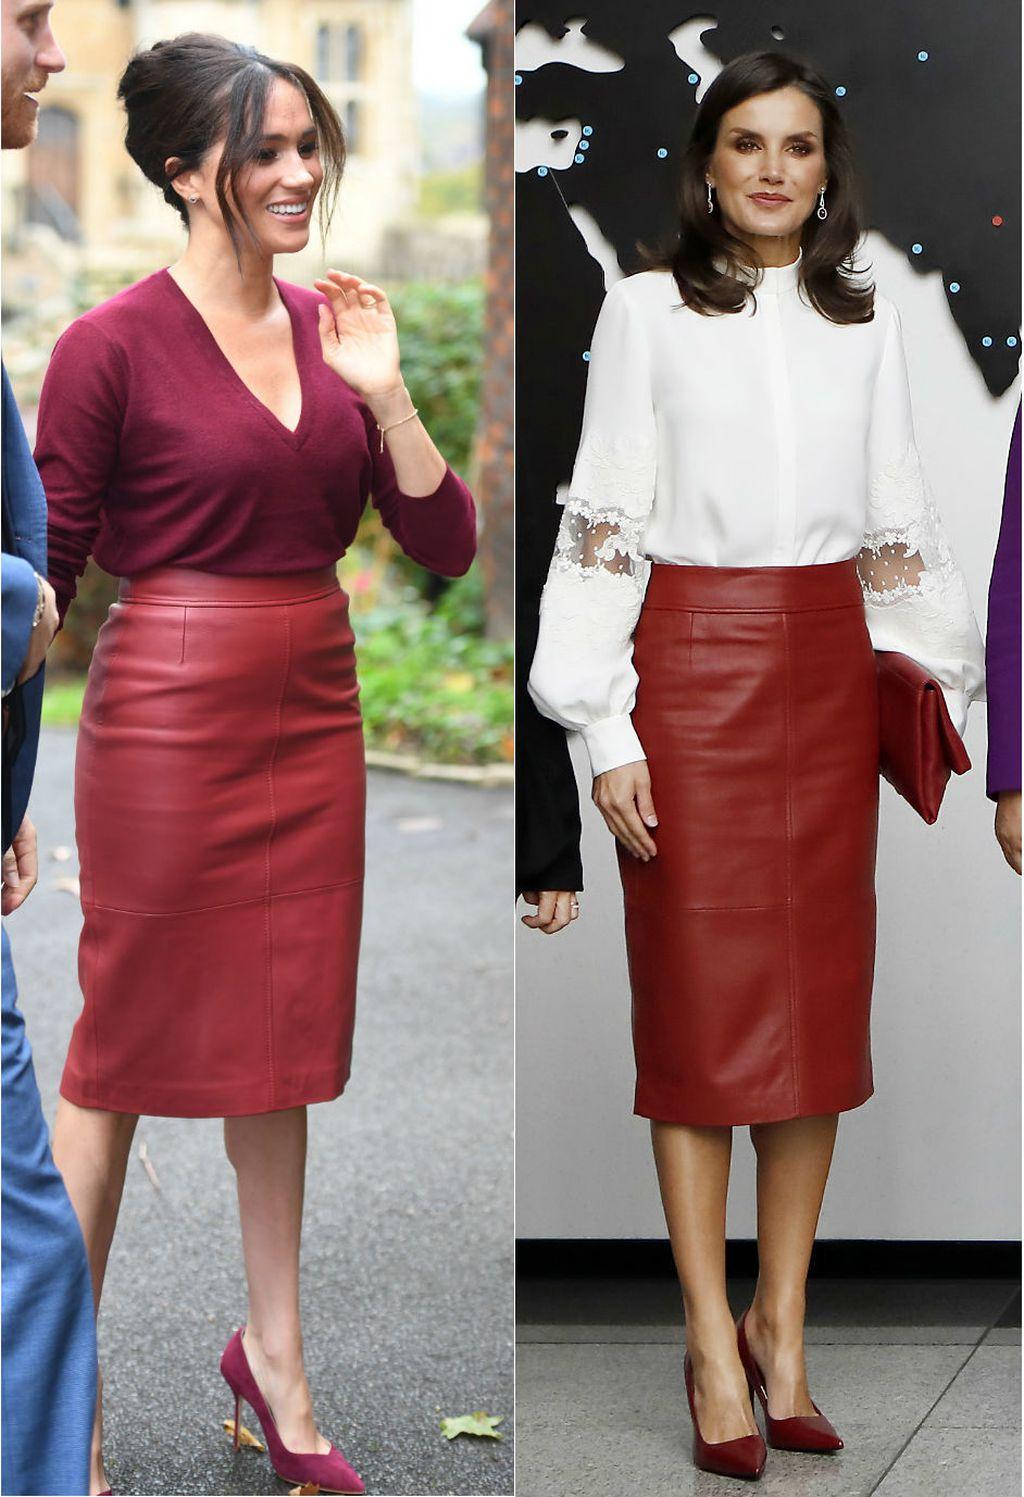 Kraljica Letizia vs. Meghan Markle u Hugo Boss suknji - 1